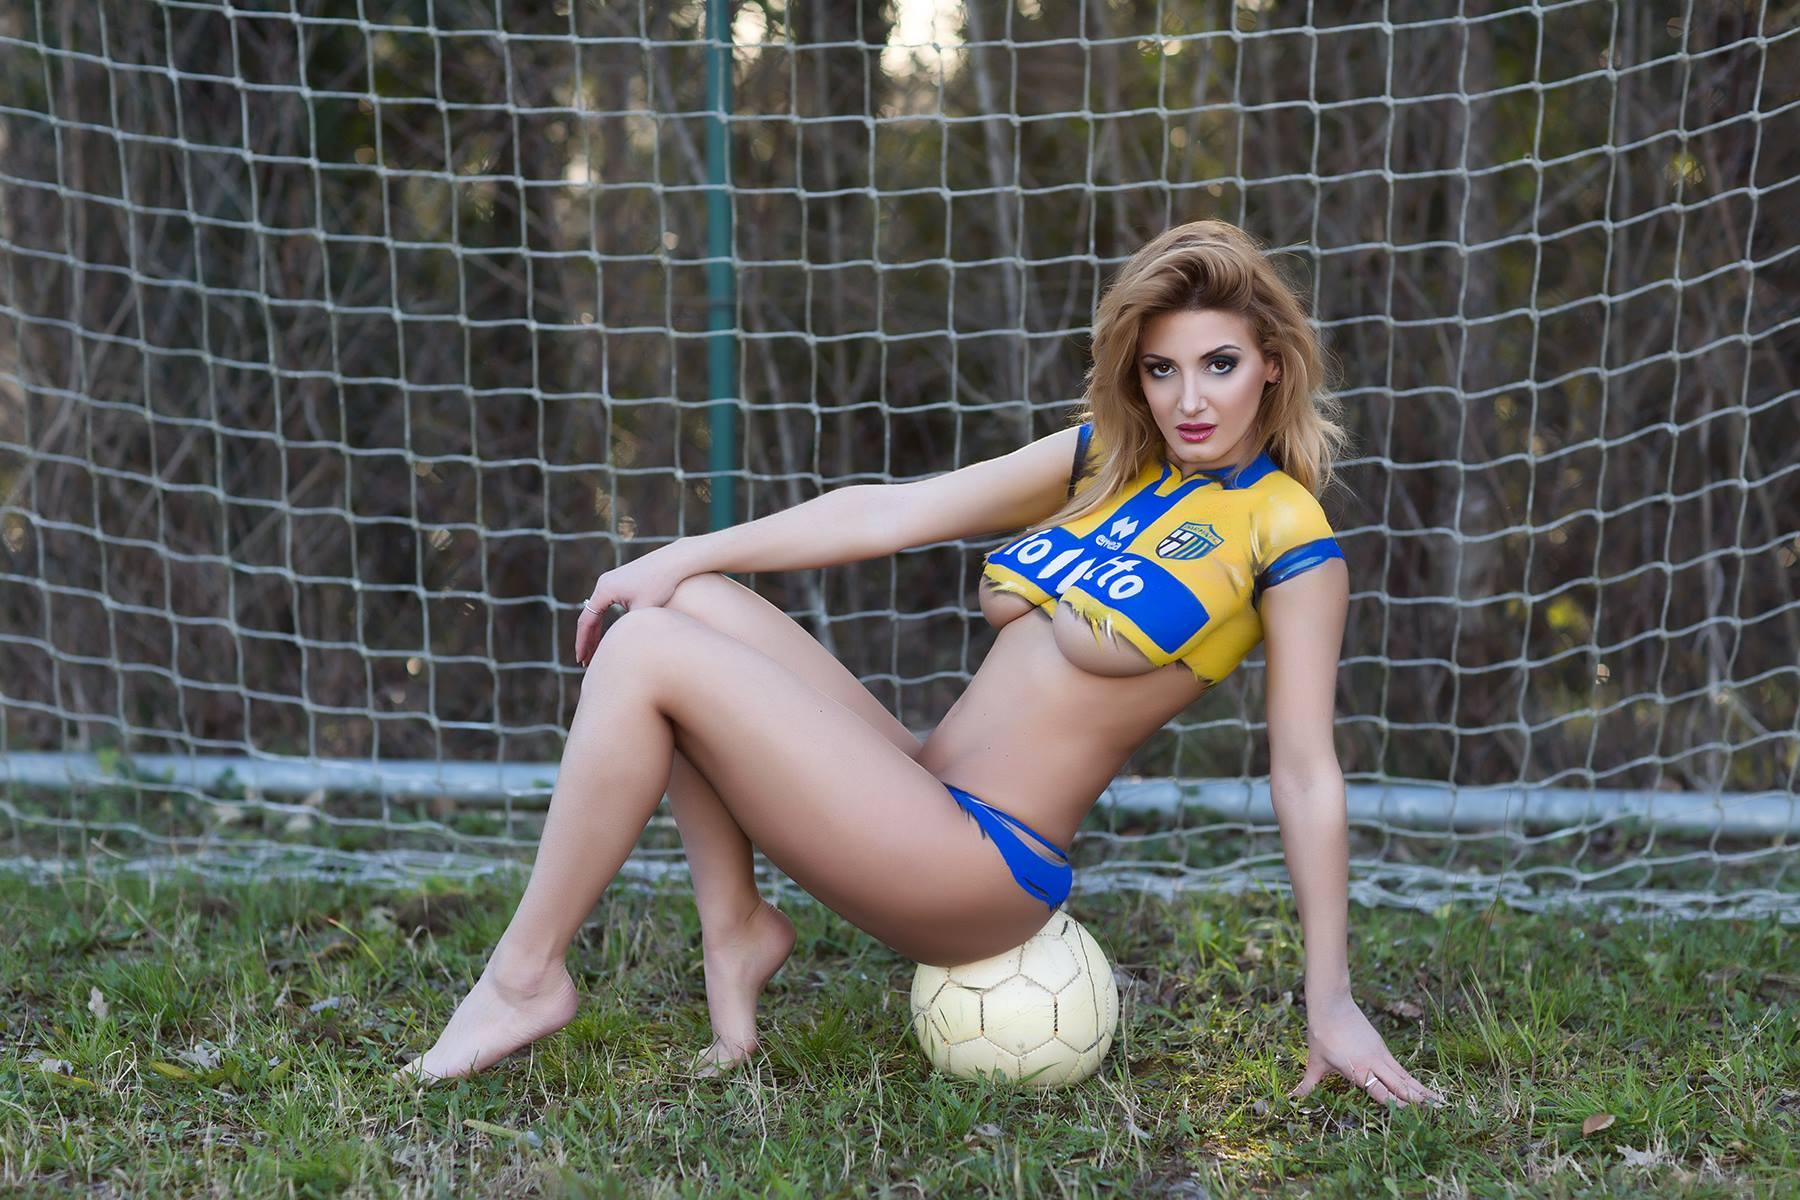 Украинский девушки голые, Голые Украинки - сиськи и попки украинских девушек 15 фотография